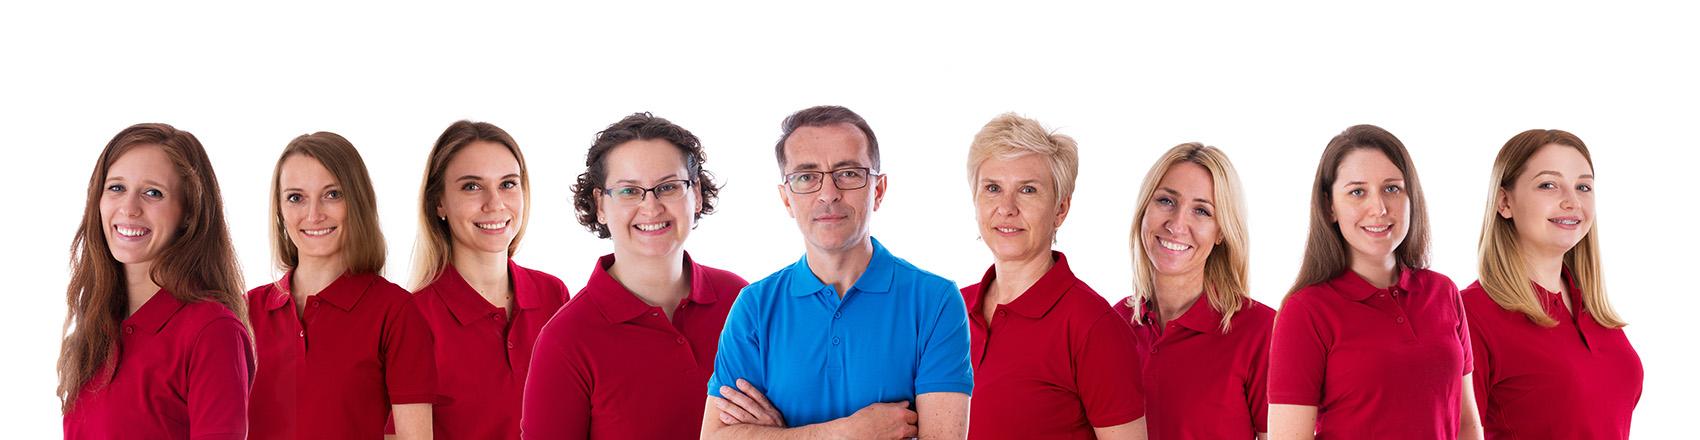 Ortodoncja Fudalej nasz zespół